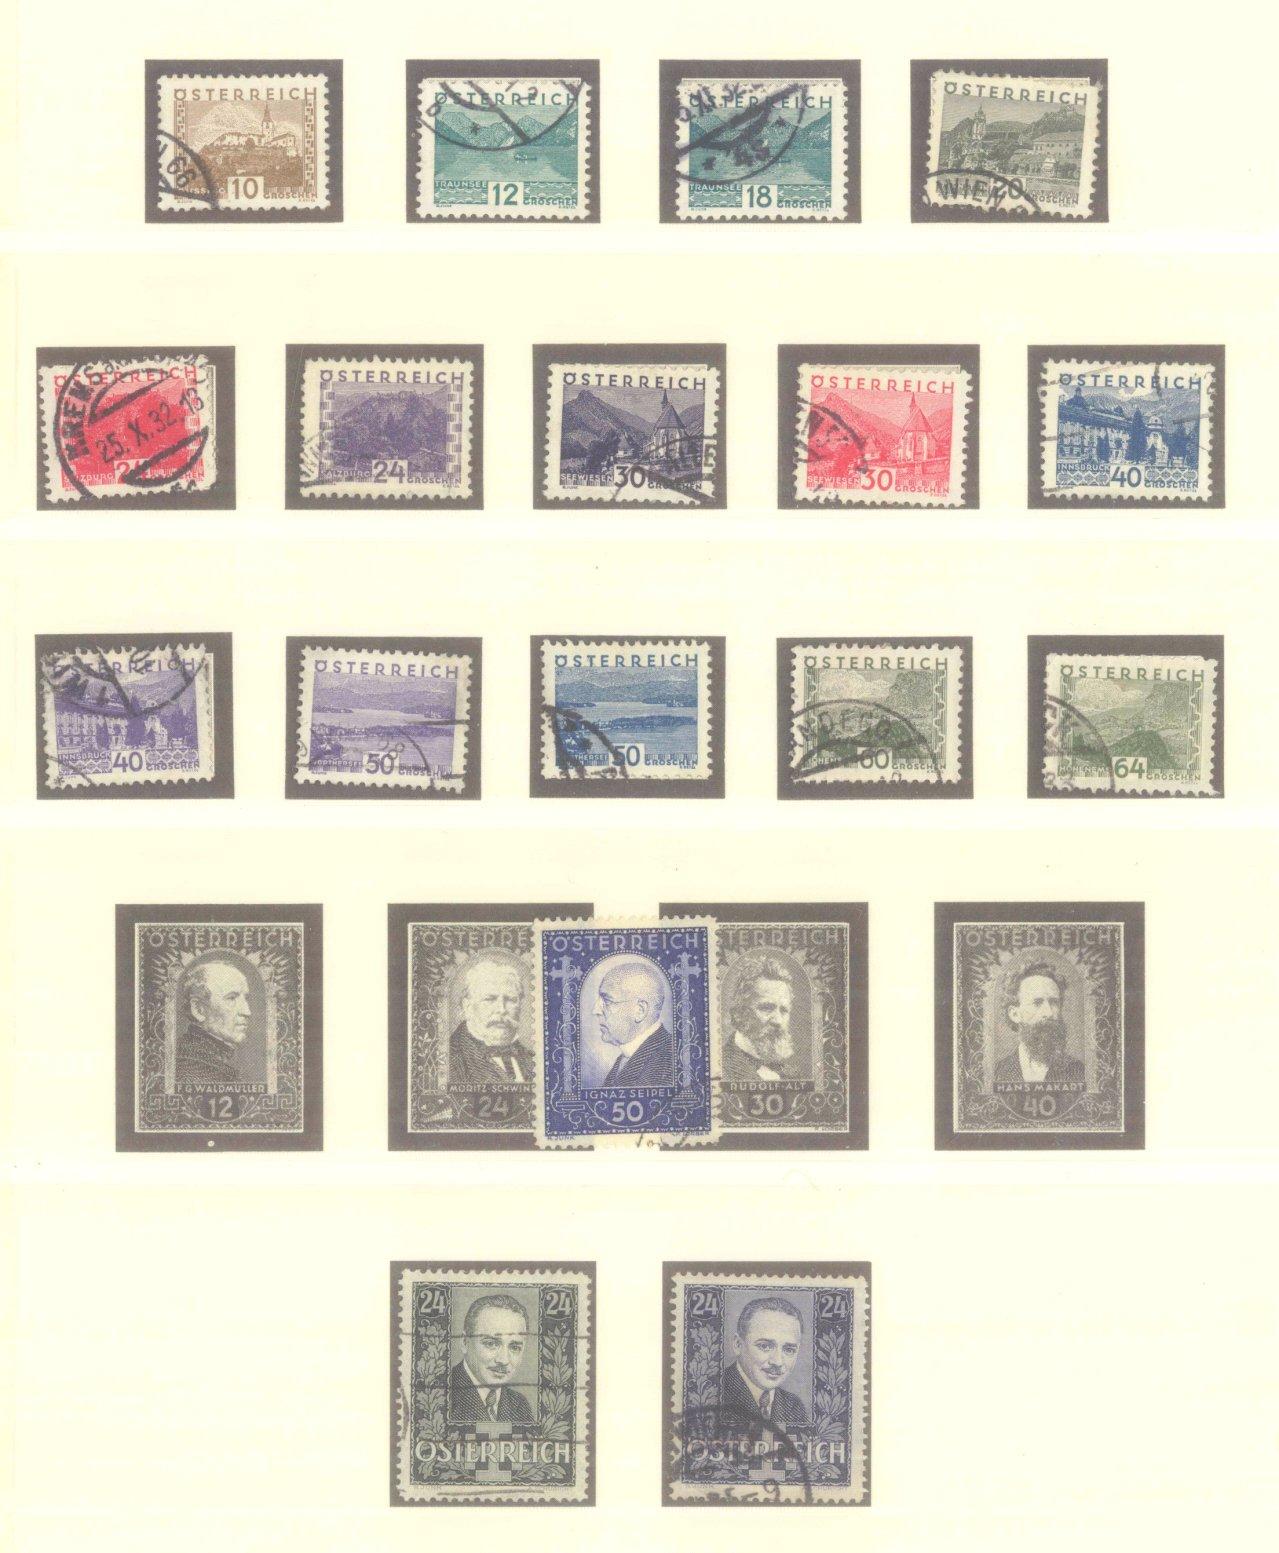 ÖSTERREICH 1925-1937-3